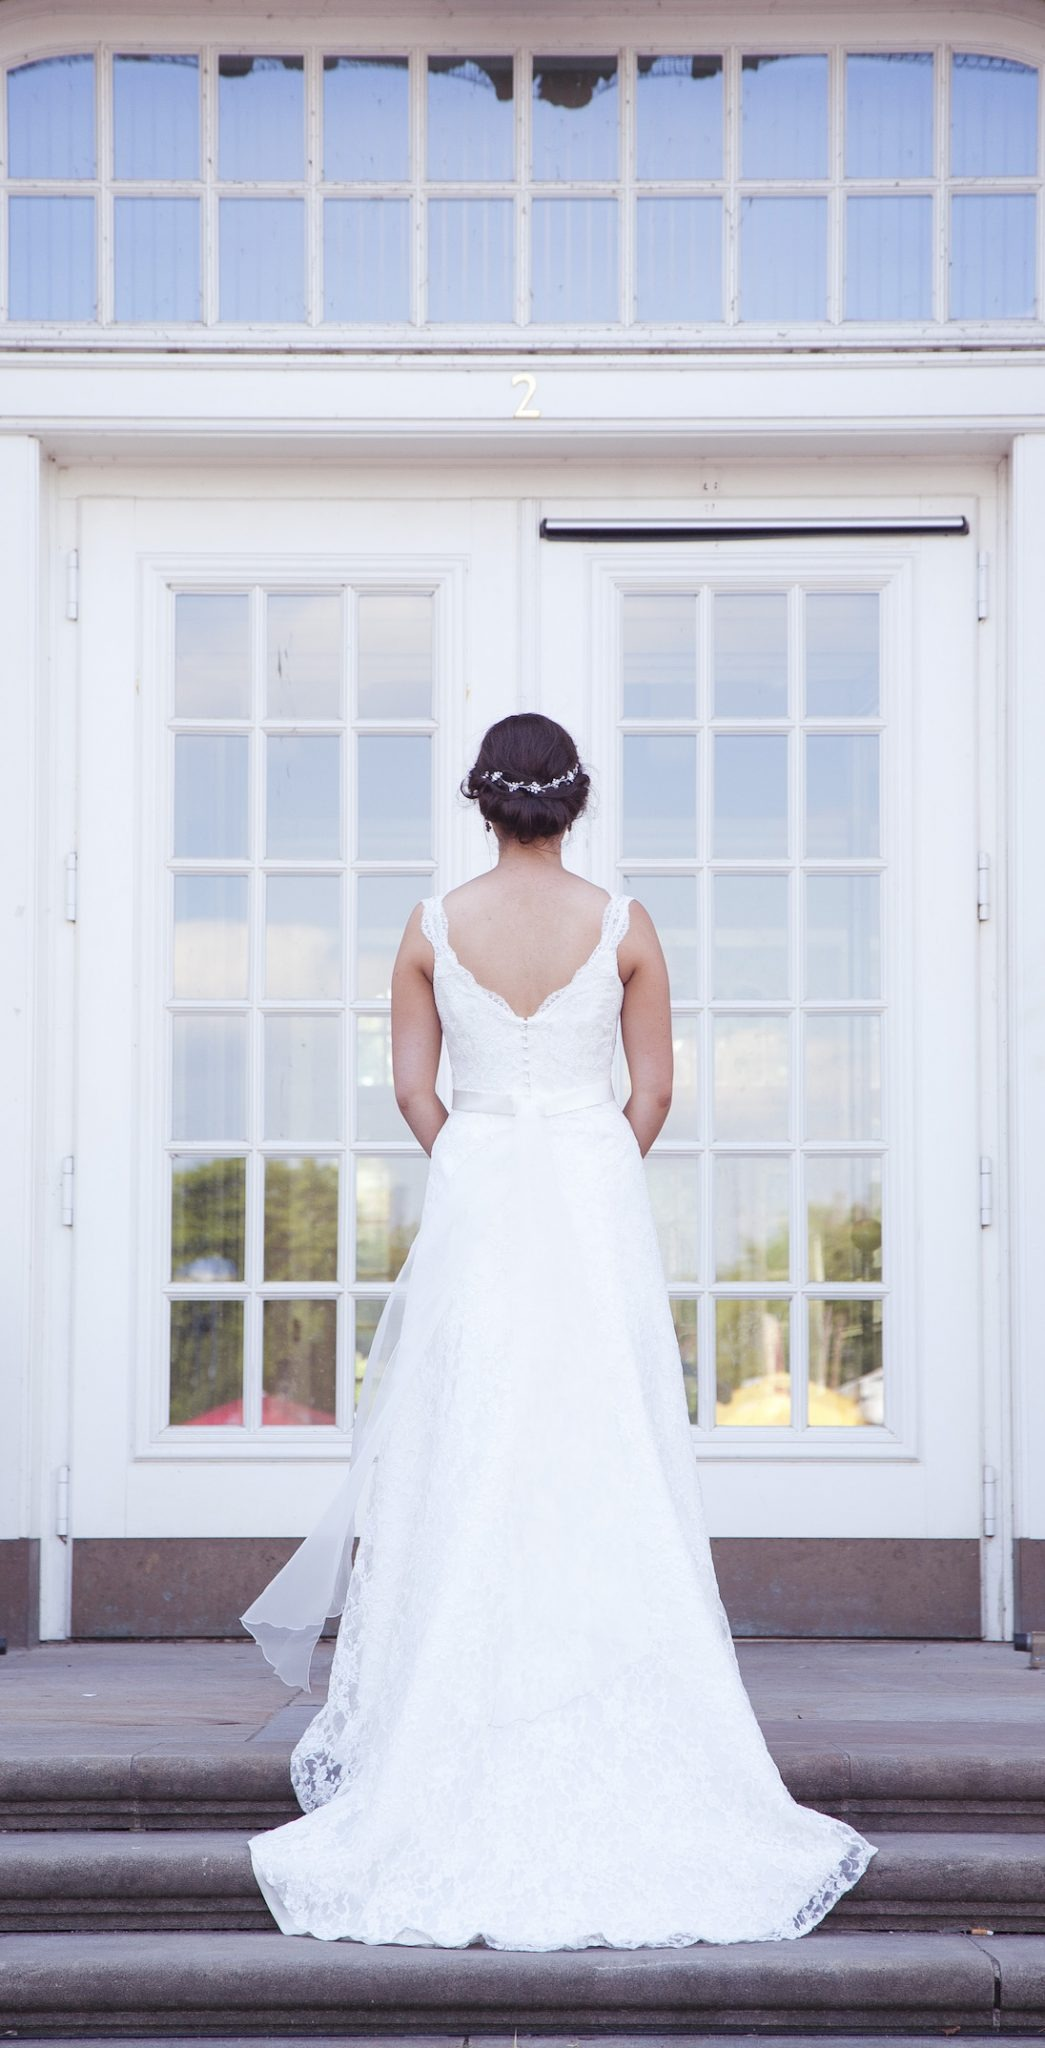 Hochzeit von Laura und Jan in Münster: Braut steht vor einer Tür